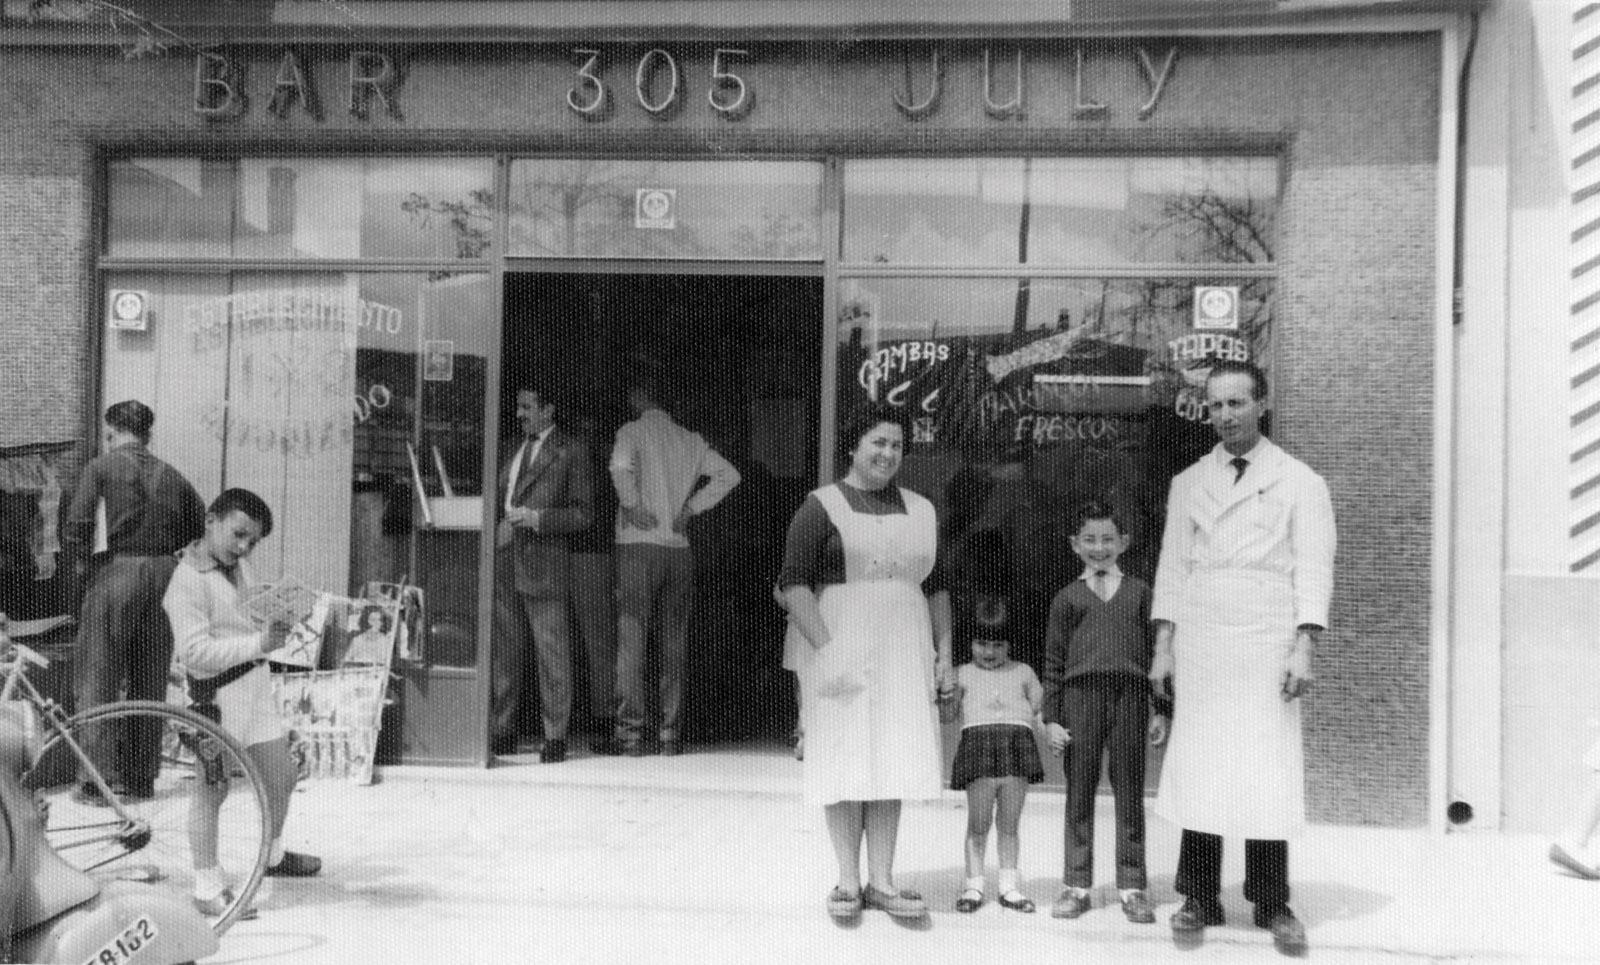 Julio Sepúlveda y su esposa Chiqui con su dos hijos en el bar July ubicado en el número 305 de la Carretera de Aragón. Año 1962.